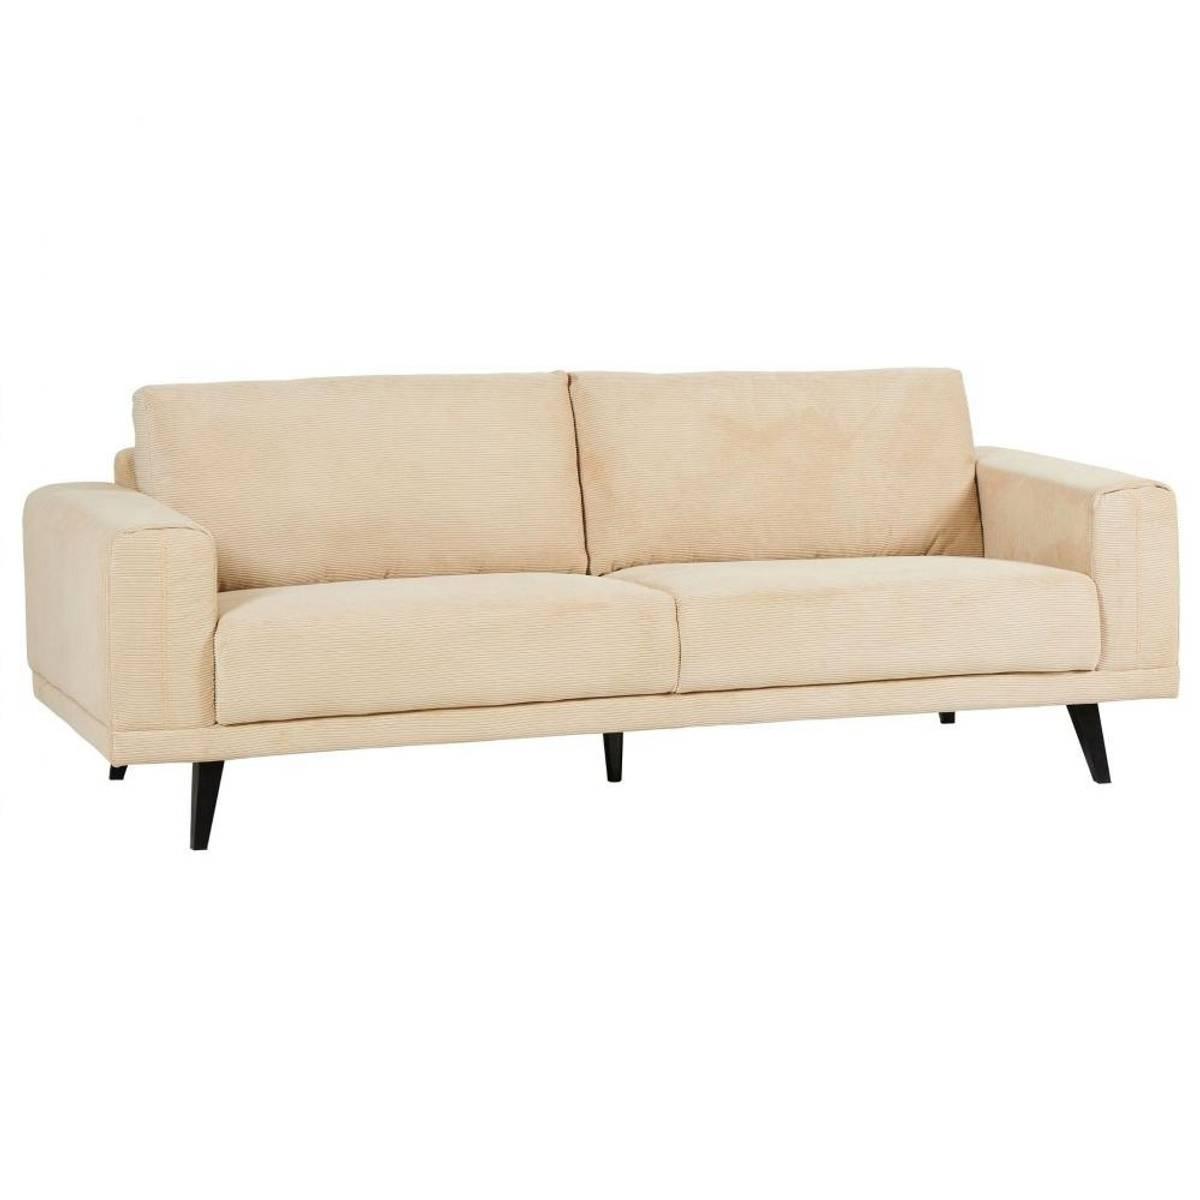 Ritalso 3-seter sofa